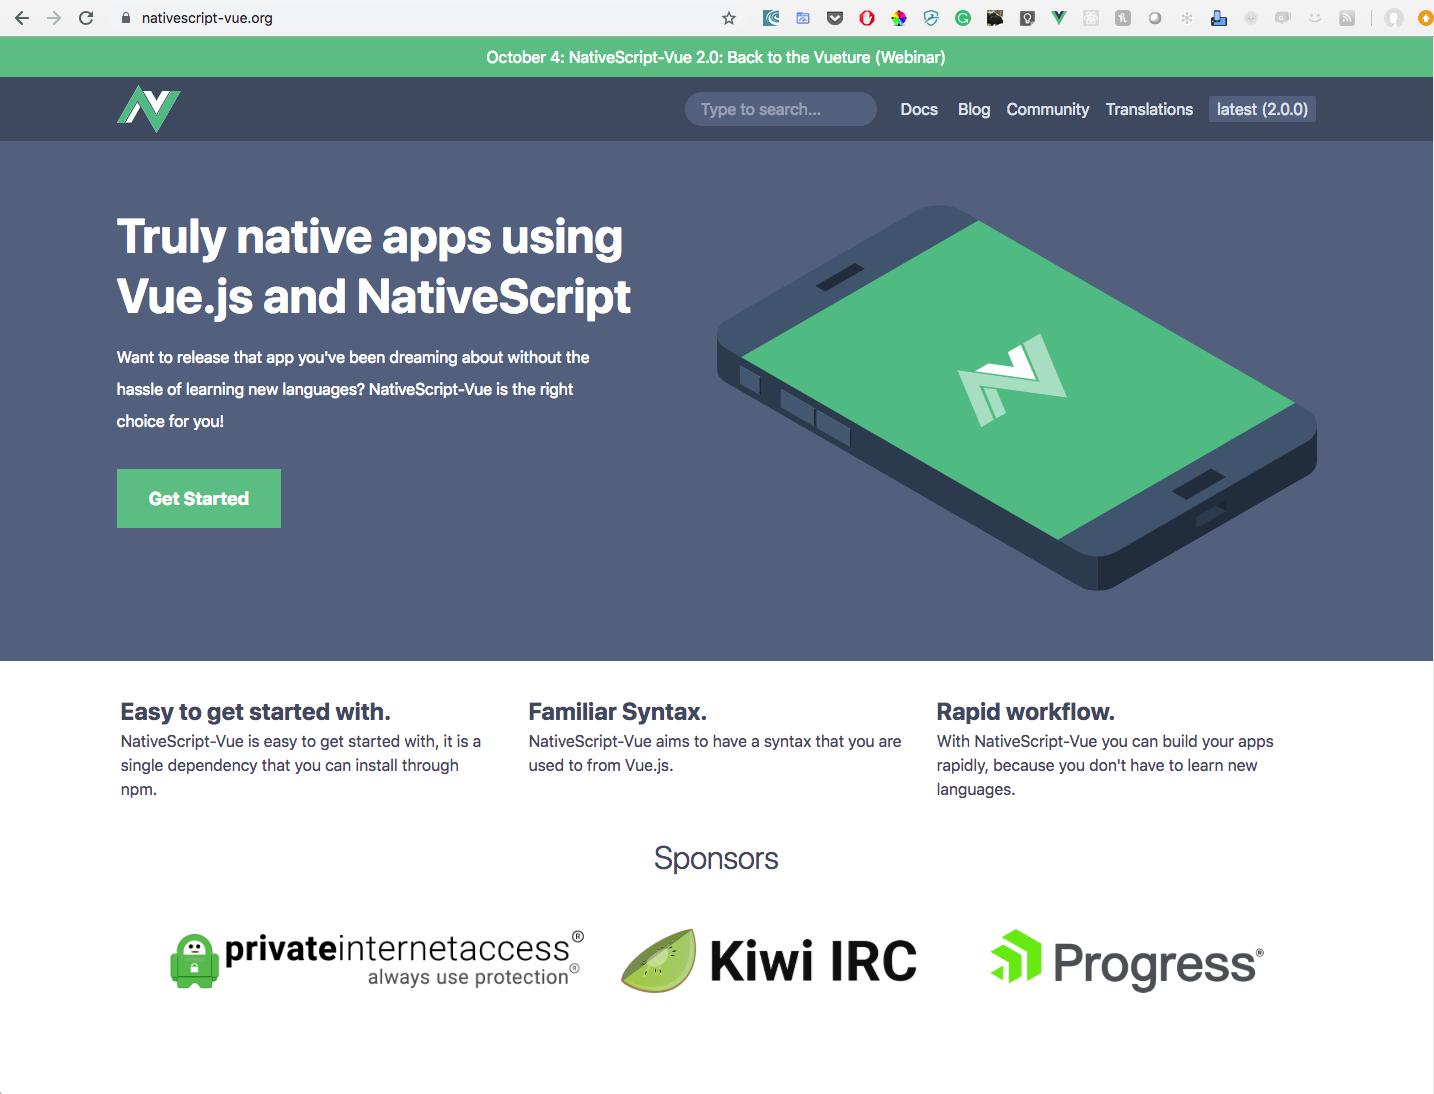 Behold! NativeScript-Vue 2.0!